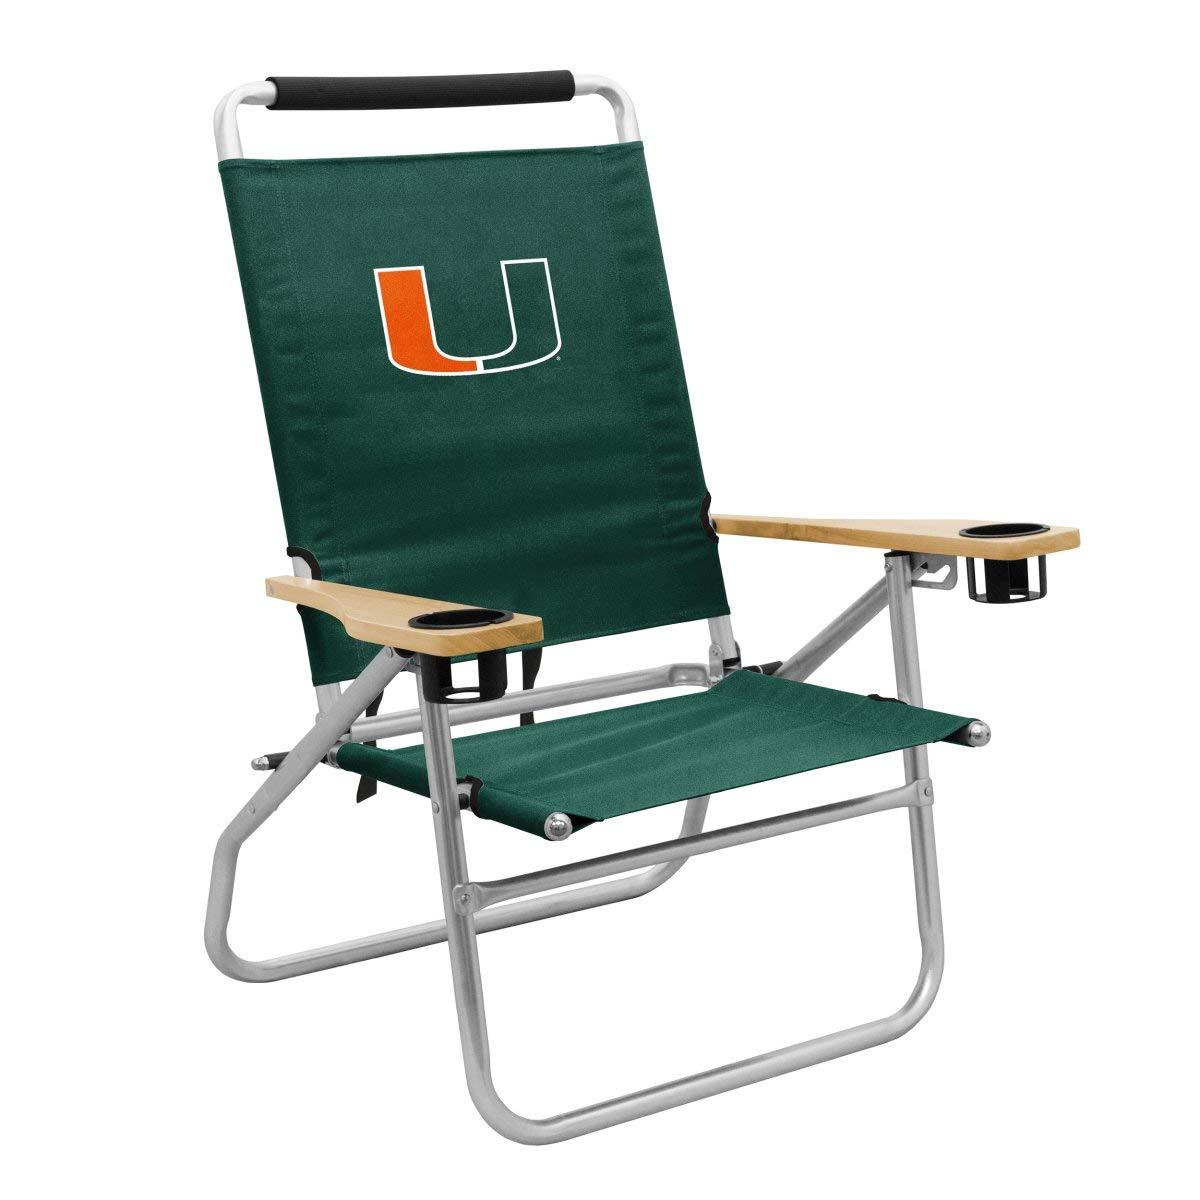 NCAA Miami Hurricanes Beach Chair